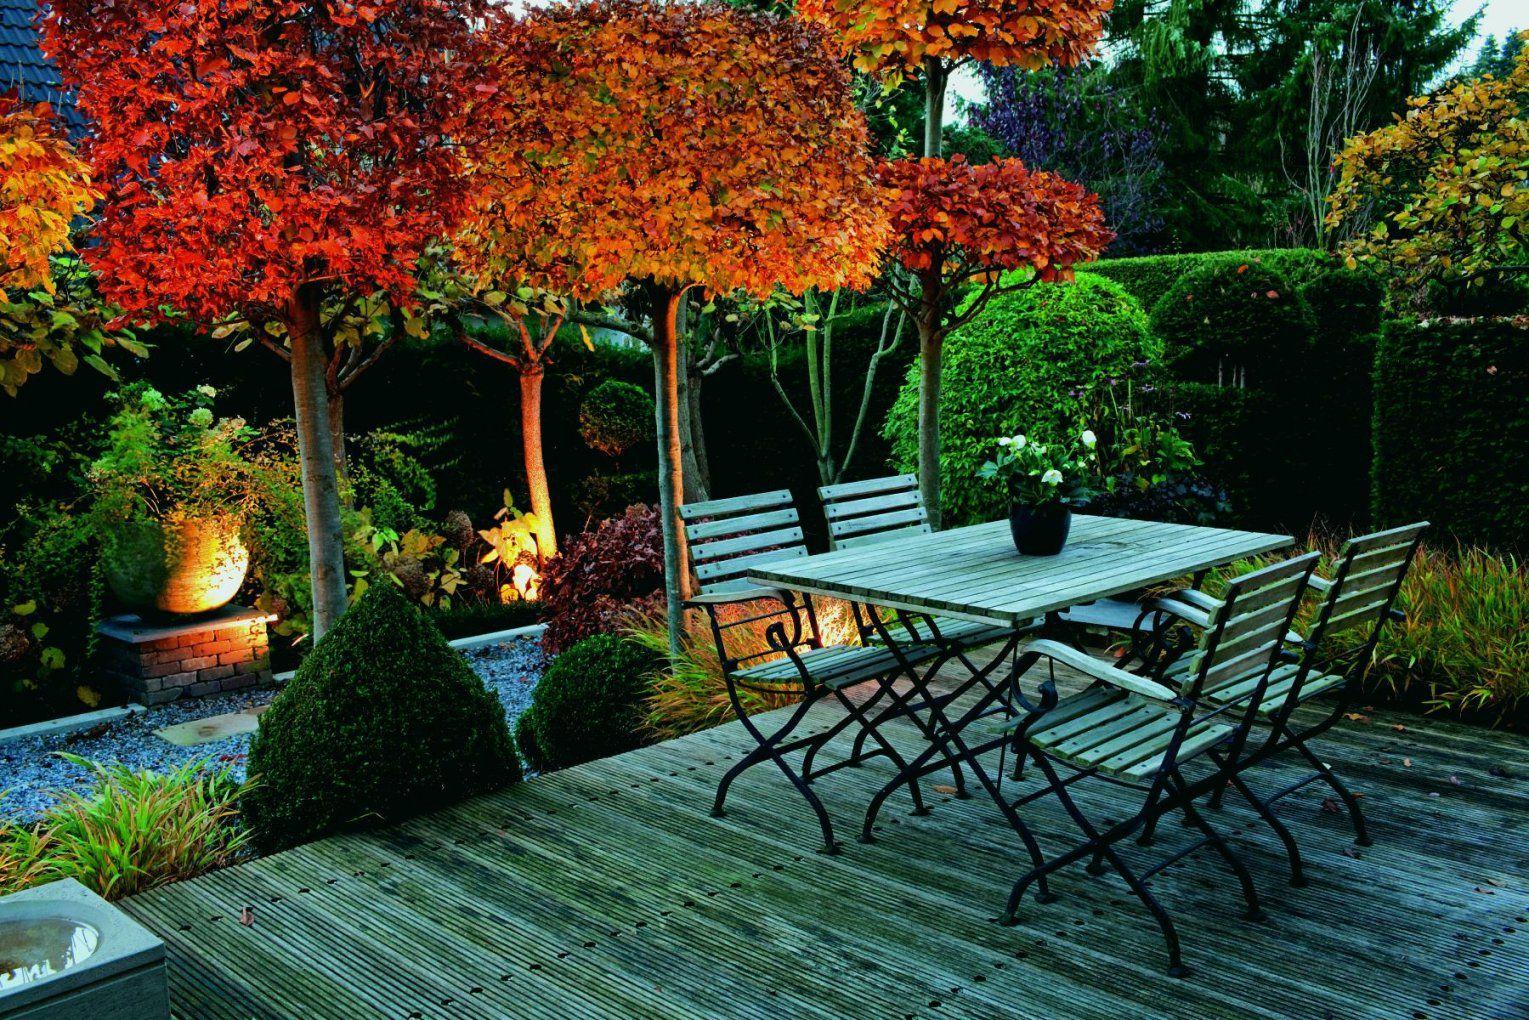 Pool Für Kleinen Garten Inspirational Gartengestaltung Kleine Gärten von Gartengestaltung Kleine Gärten Bilder Photo